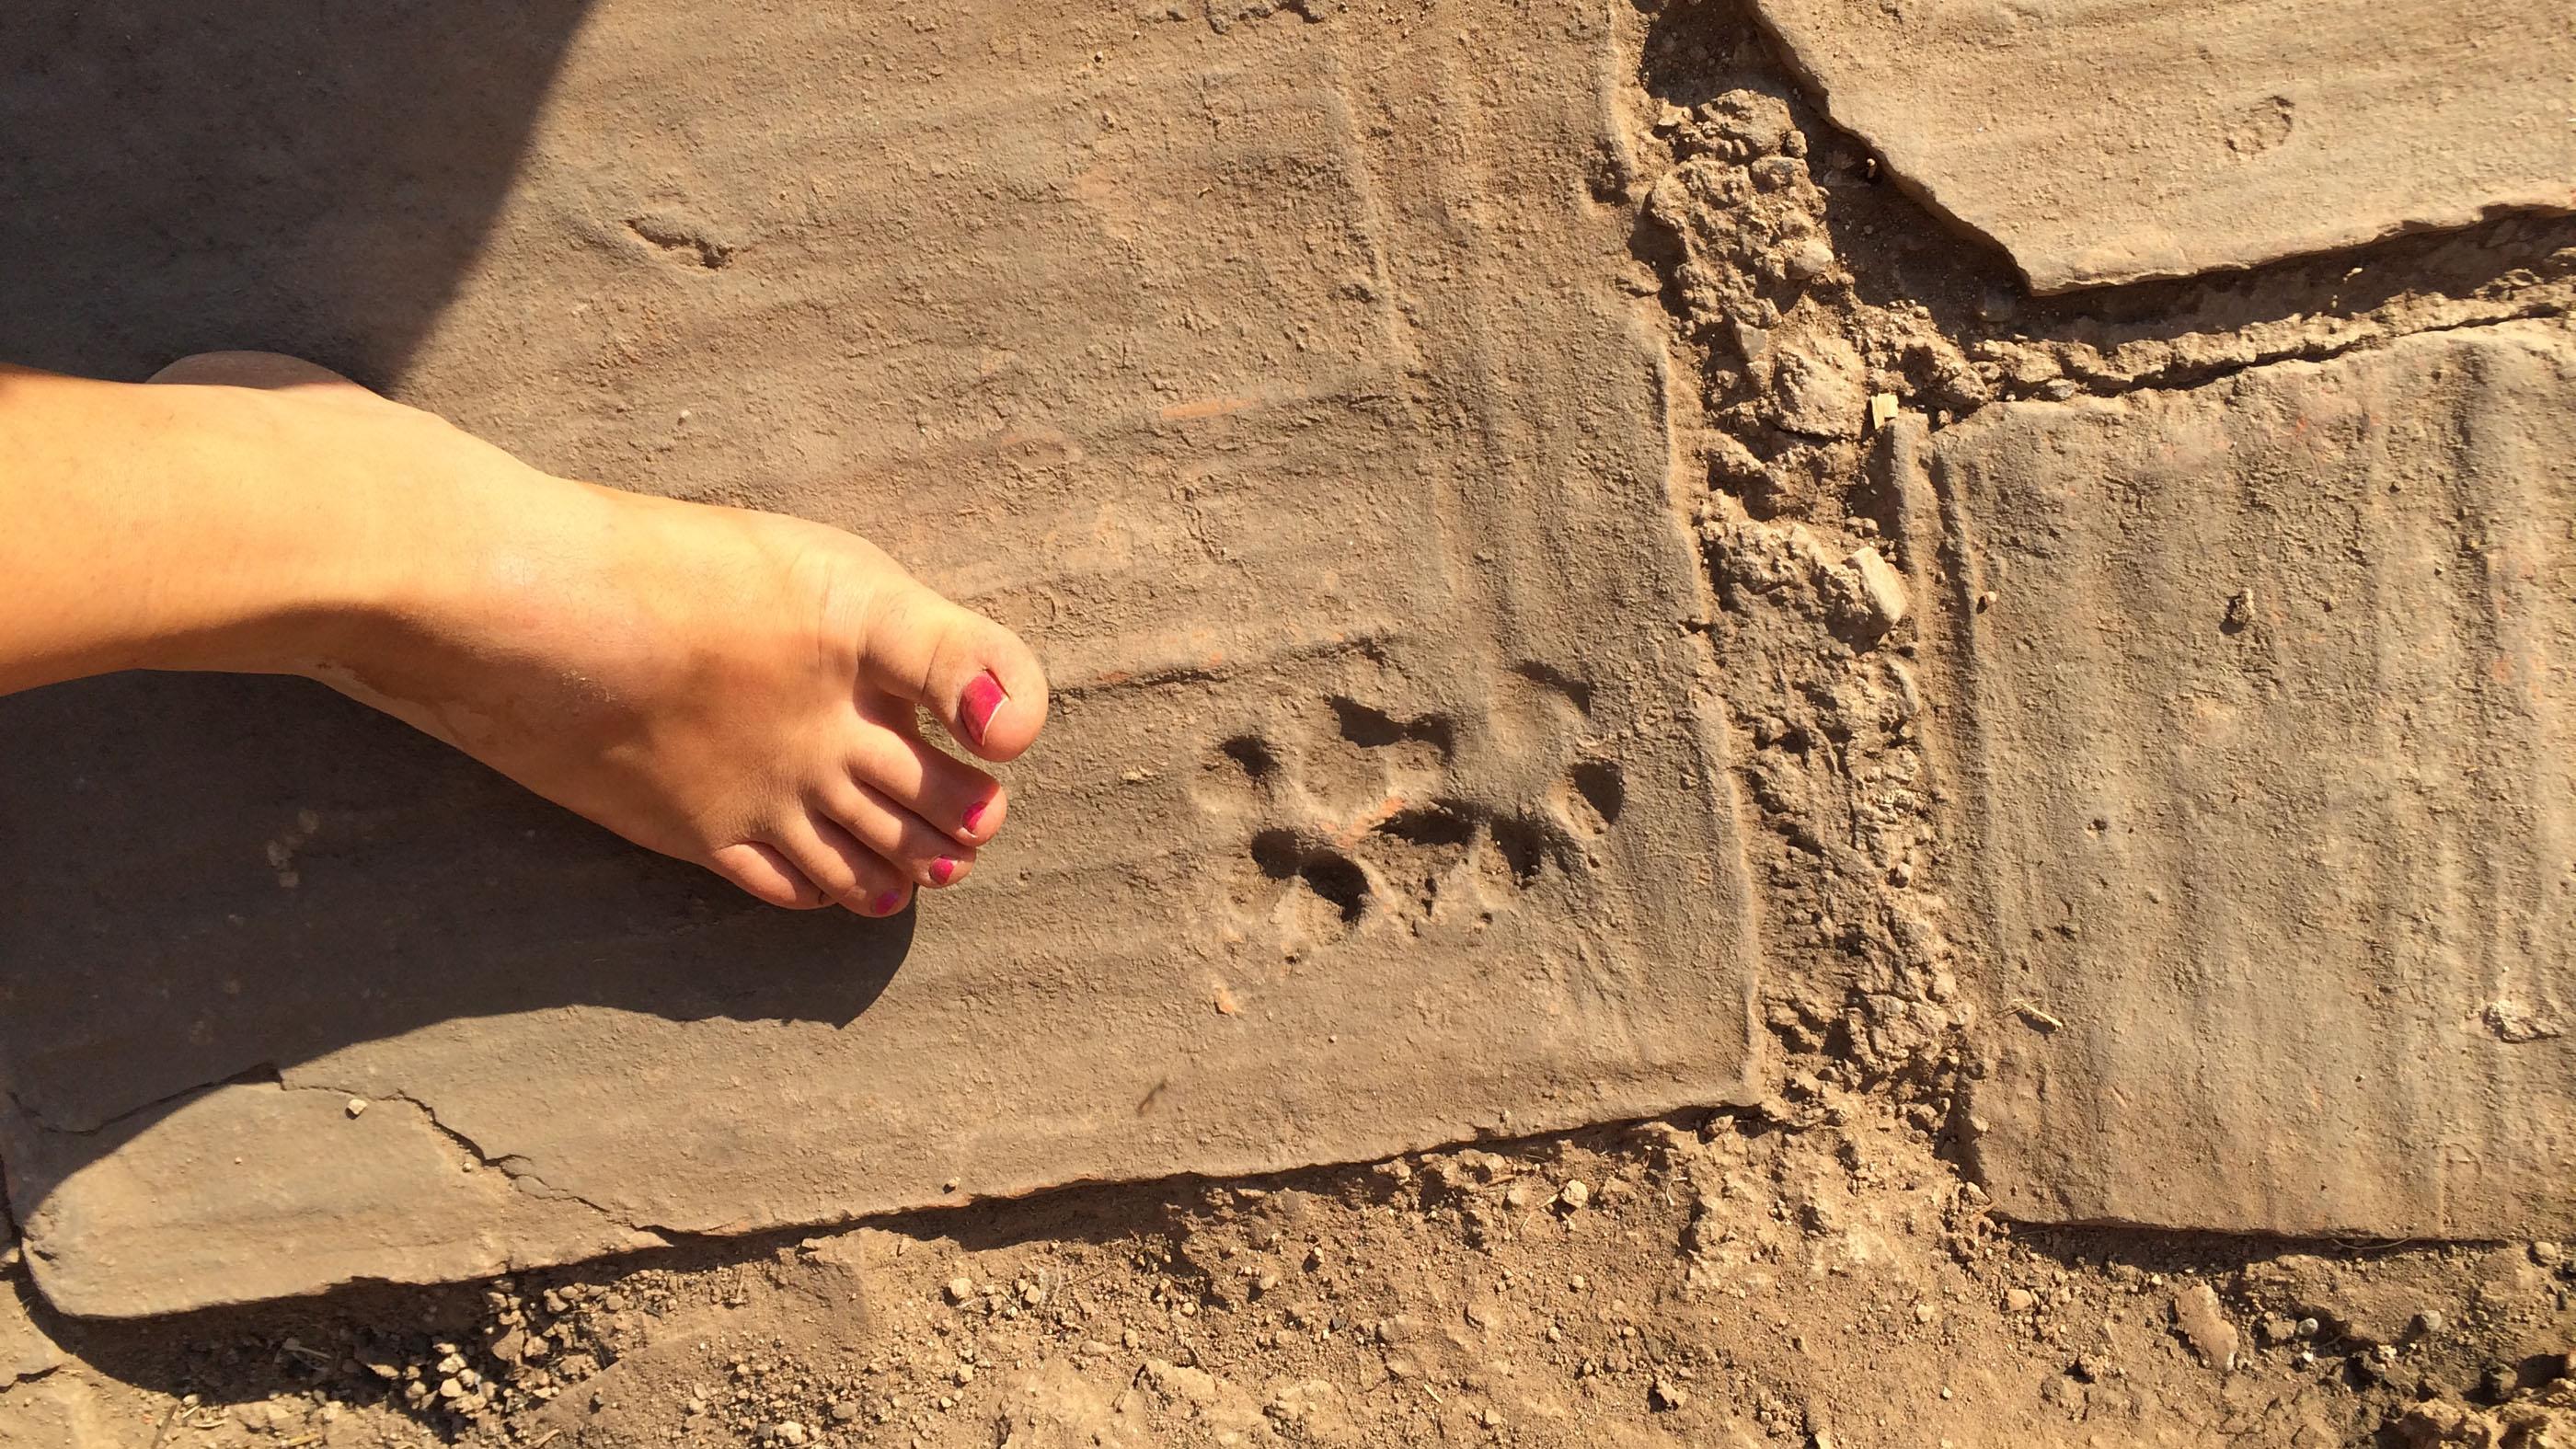 L'excavatrice Lauren DiSalvo et d'autres chercheurs ont découvert une empreinte de patte de chien sur l'un des carreaux de sol en terre cuite de la maison.